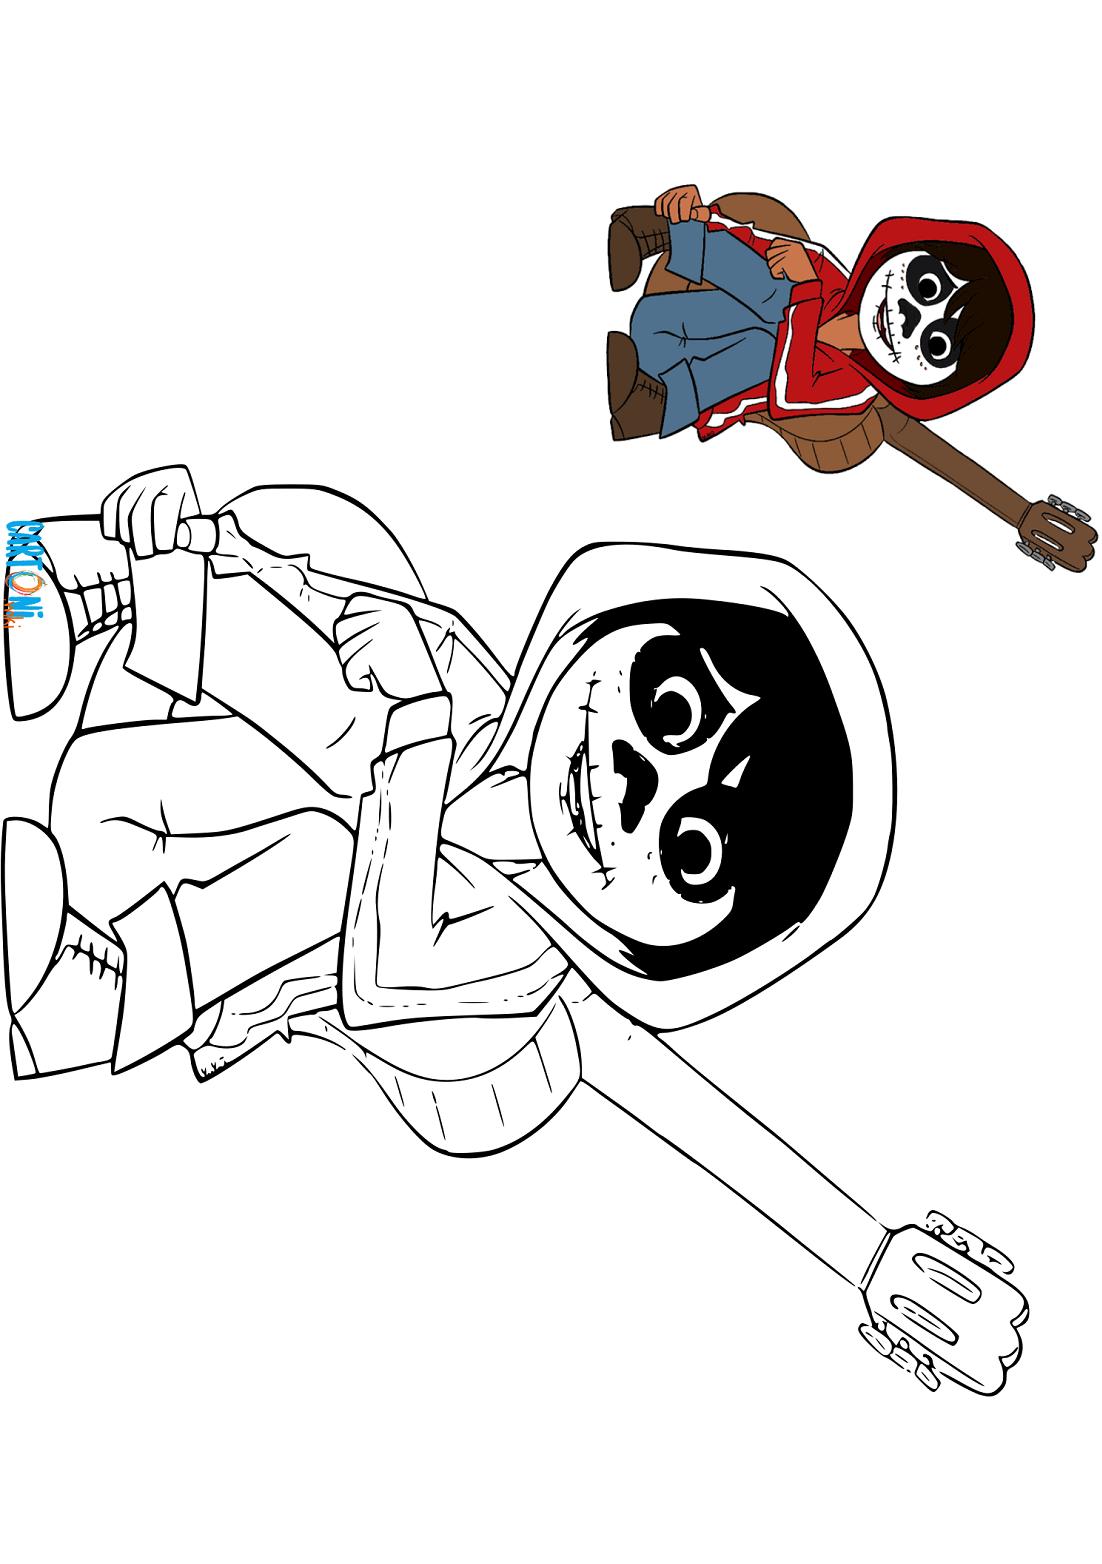 Disegni Da Colorare E Stampare Coco.Colora Coco Disney Cartoni Animati